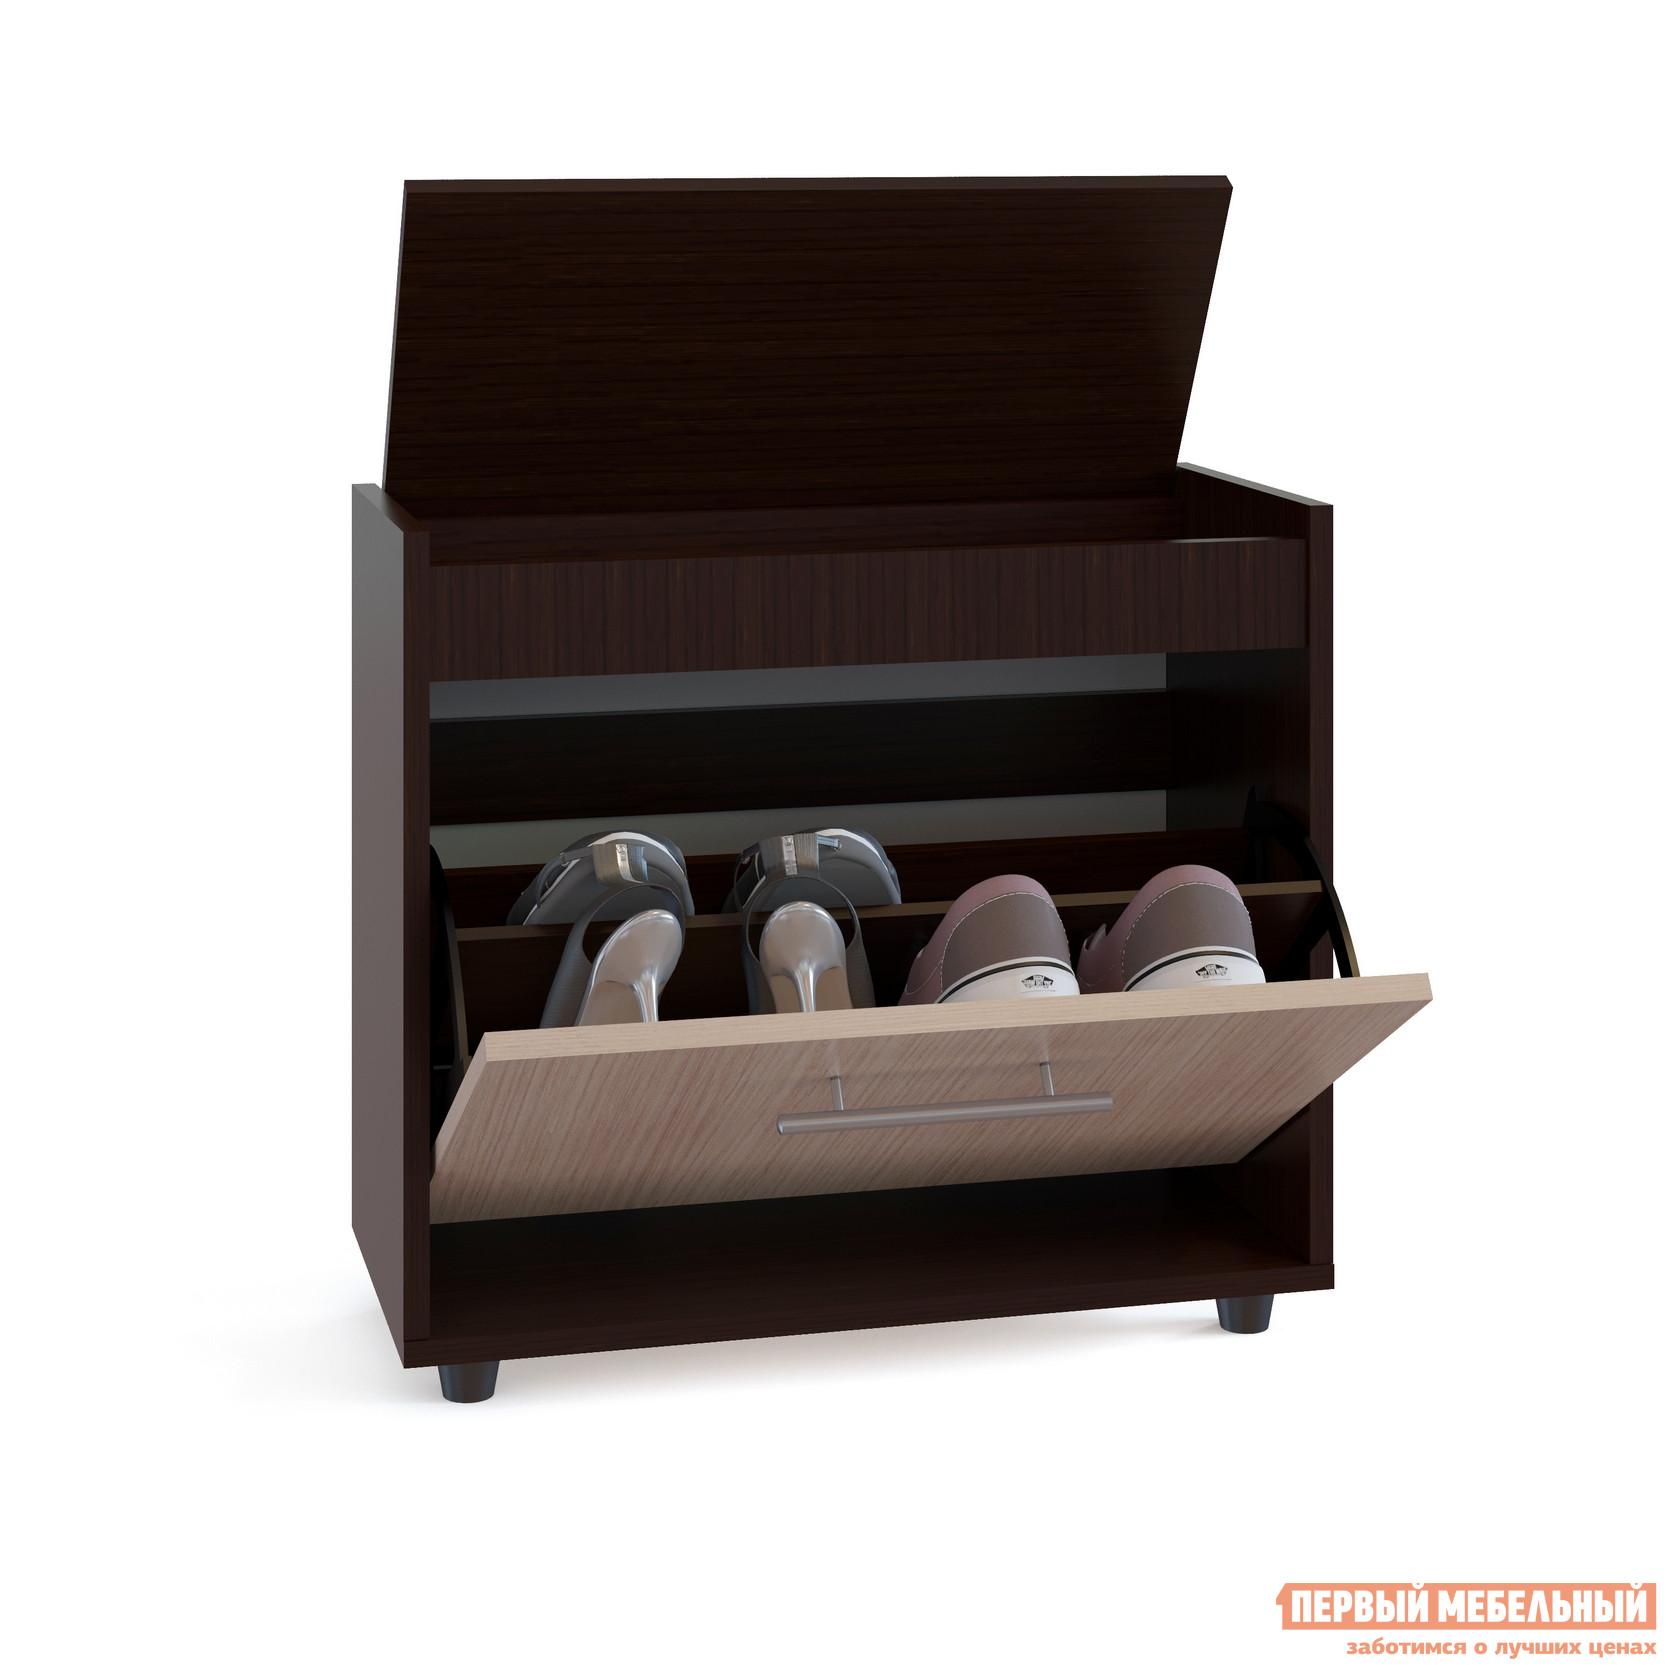 Обувница Сокол ТП-6 Венге / Беленый дубОбувницы<br>Габаритные размеры ВхШхГ 555x600x283 мм. Очаровательная маленькая обувница не займет много места в прихожей и позволит хранить обувь в порядке и в быстром доступе.  Модель имеет одно отделение с двумя отсеками и рассчитана на 4 пары невысокой обуви на плоской подошве.  Сверху под крышкой располагается ниша, в которой удобно будет держать под рукой аксессуары для обуви. Обувницу можно использовать в качестве банкетки для переобувания. Максимальная нагрузка — 90 кг. Изготавливается из ЛДСП 16 мм, края обработаны кромкой ПВХ 0,4 мм. Рекомендуем сохранить инструкцию по сборке (паспорт изделия) до истечения гарантийного срока.<br><br>Цвет: Темное-cветлое дерево<br>Высота мм: 555<br>Ширина мм: 600<br>Глубина мм: 283<br>Кол-во упаковок: 1<br>Форма поставки: В разобранном виде<br>Срок гарантии: 2 года<br>Тип: Закрытые<br>Назначение: В прихожую<br>Материал: ЛДСП<br>Форма: Прямоугольные<br>Размер: Узкие<br>Размер: Одноместные<br>Глубина: Неглубокие<br>С сиденьем: Да<br>С ящиками: Да<br>С жестким сиденьем: Да<br>На ножках: Да<br>С крышкой: Да<br>Без спинки: Да<br>Стиль: Классический